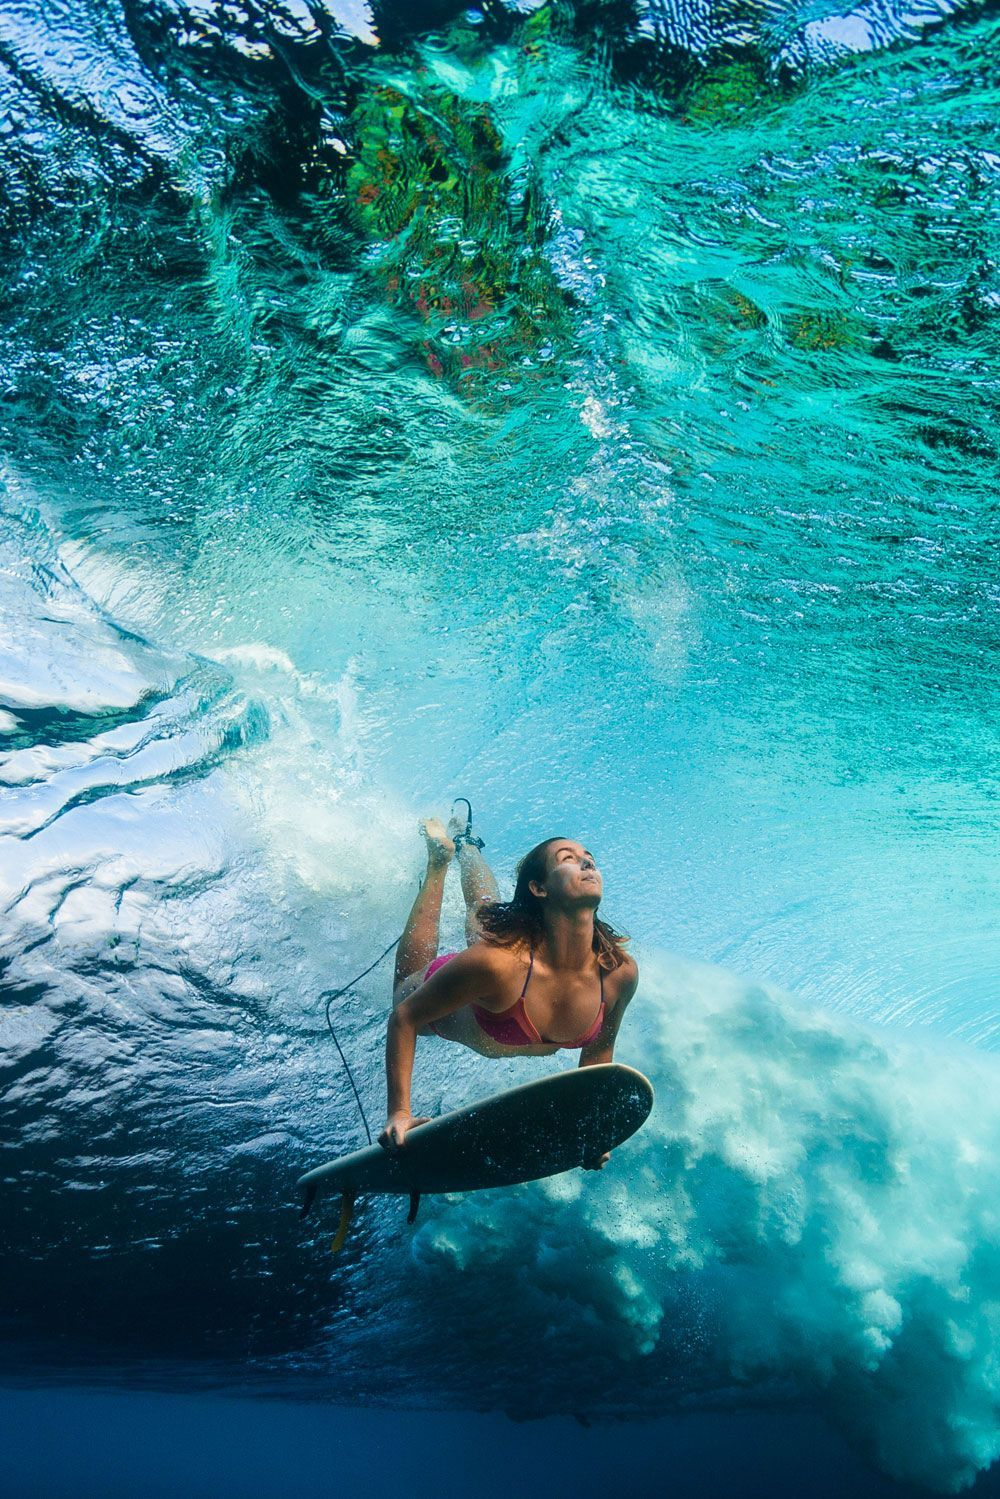 prAna Ambassador, Anna Ehrgott duck diving in Hawaii